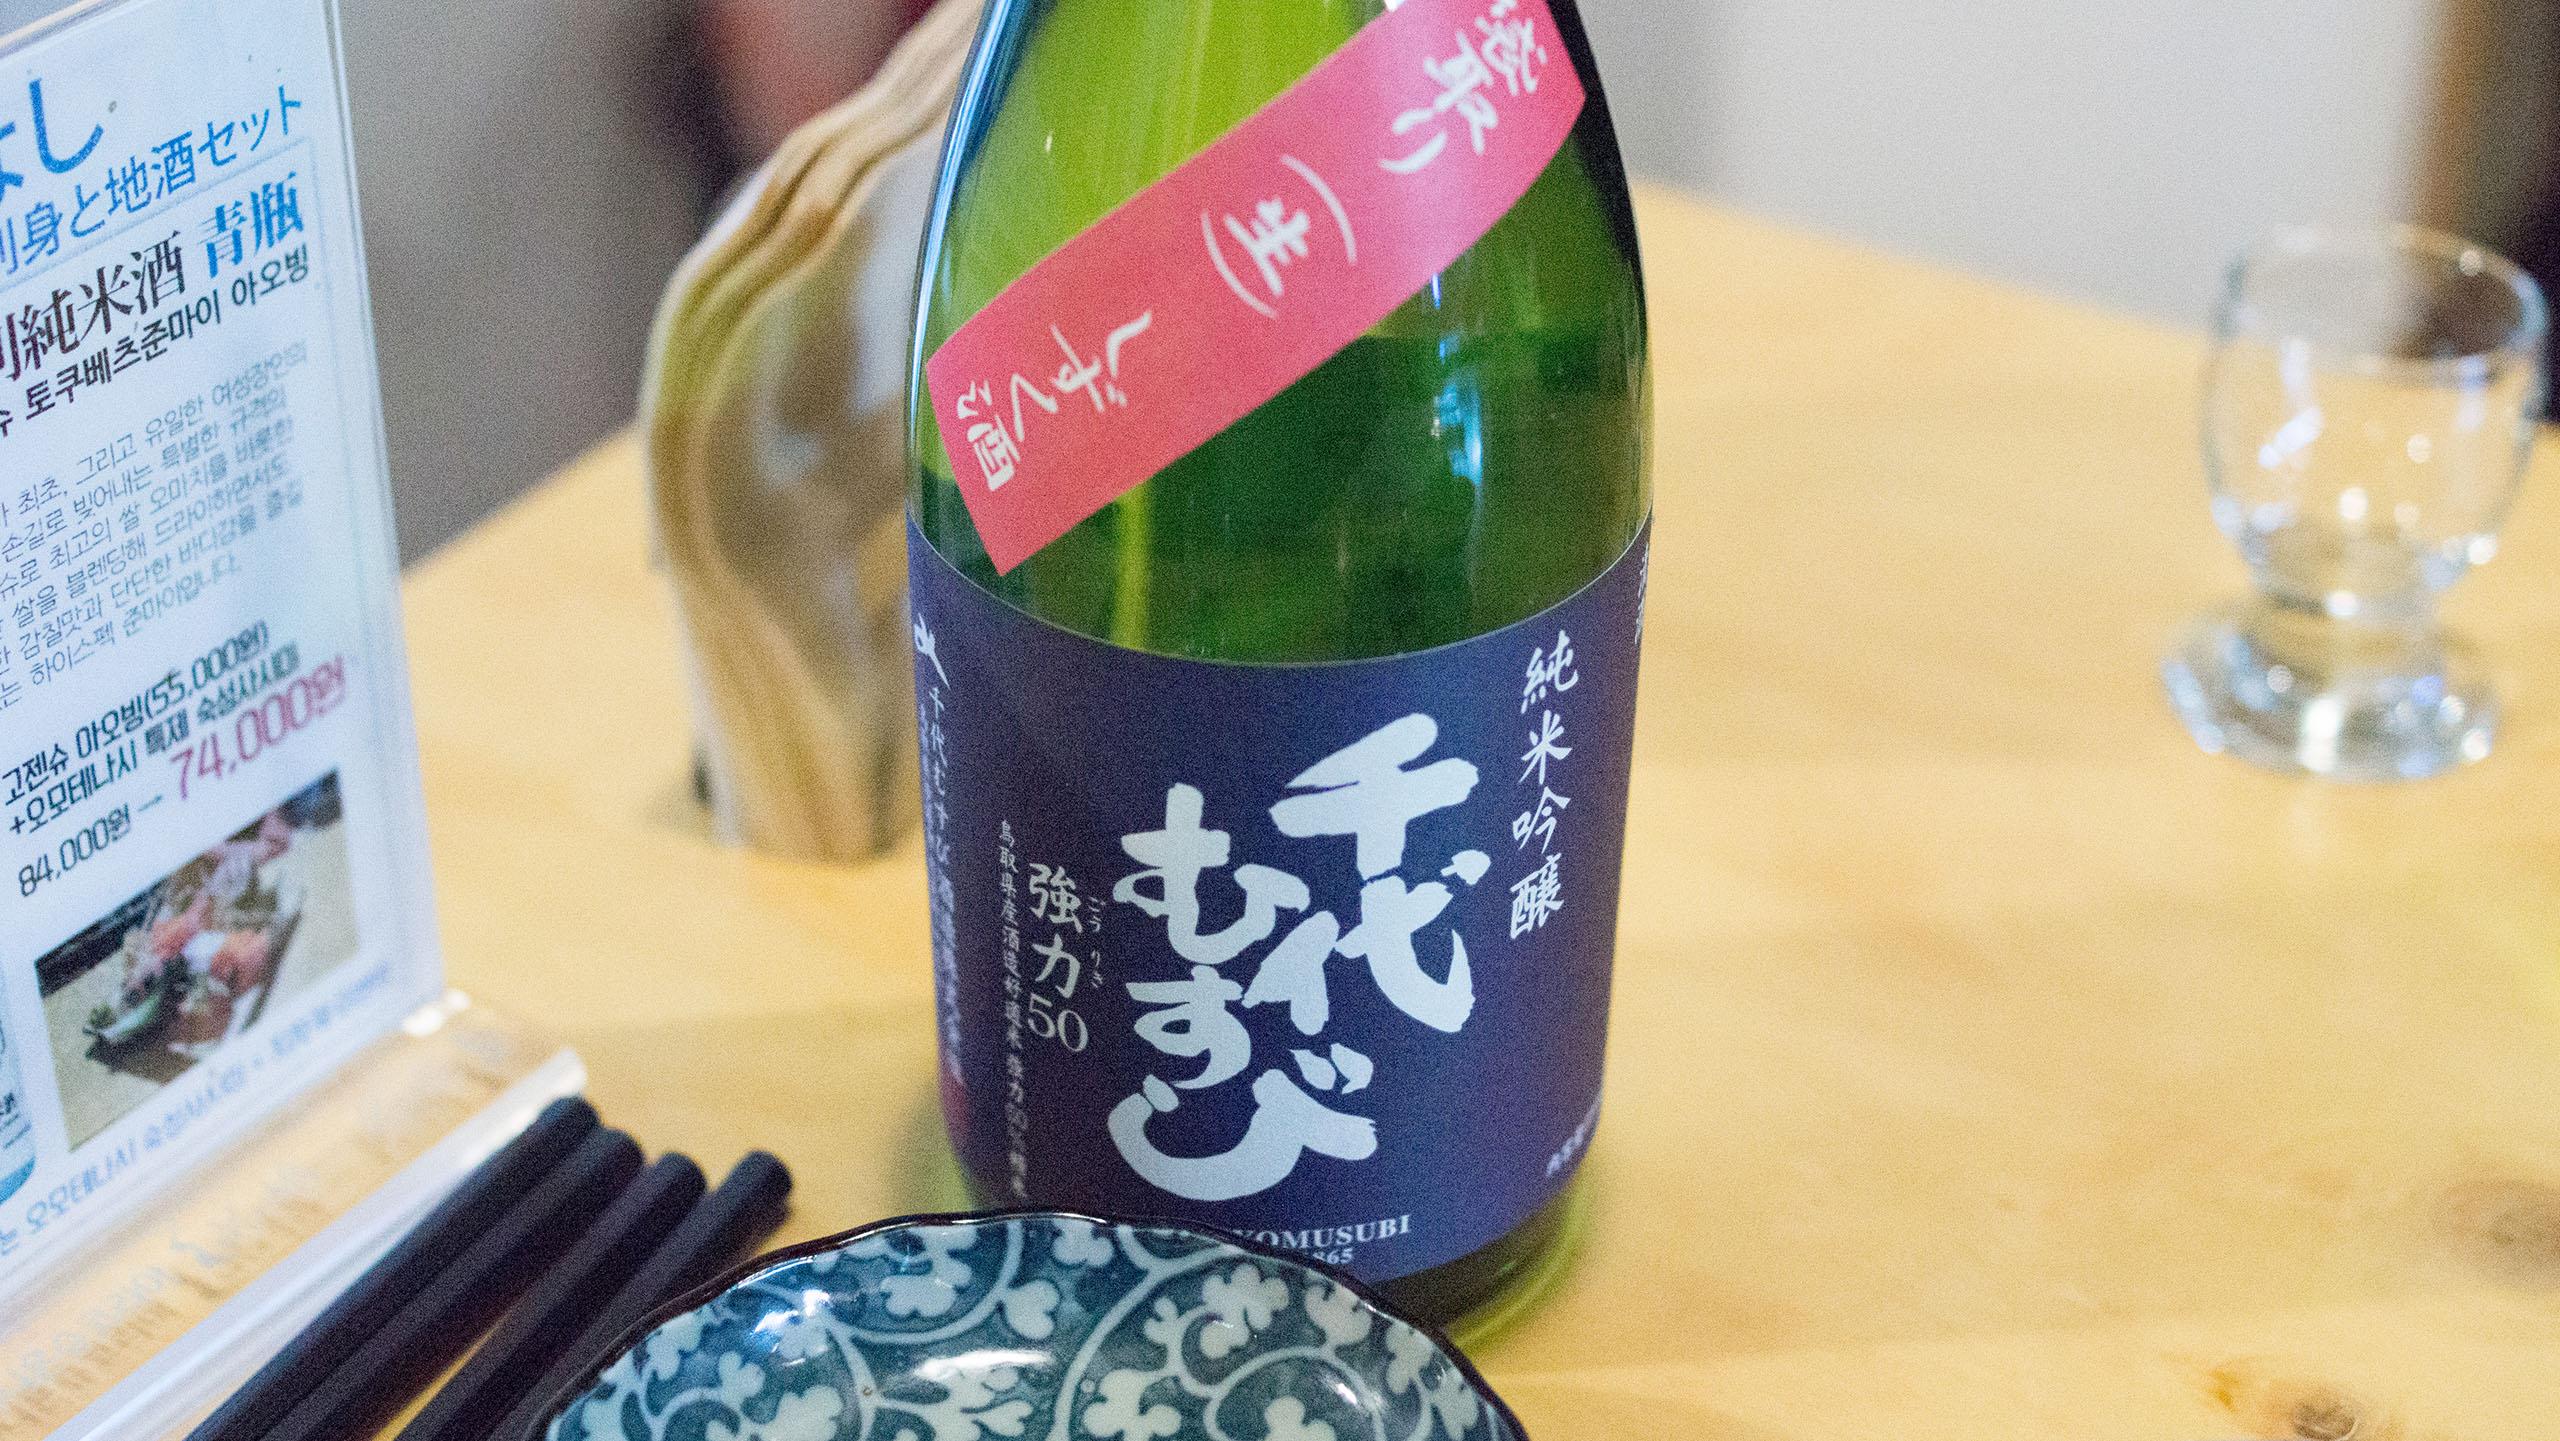 치요무스비 쥰마이긴죠 시즈쿠 나마 고우리키 50